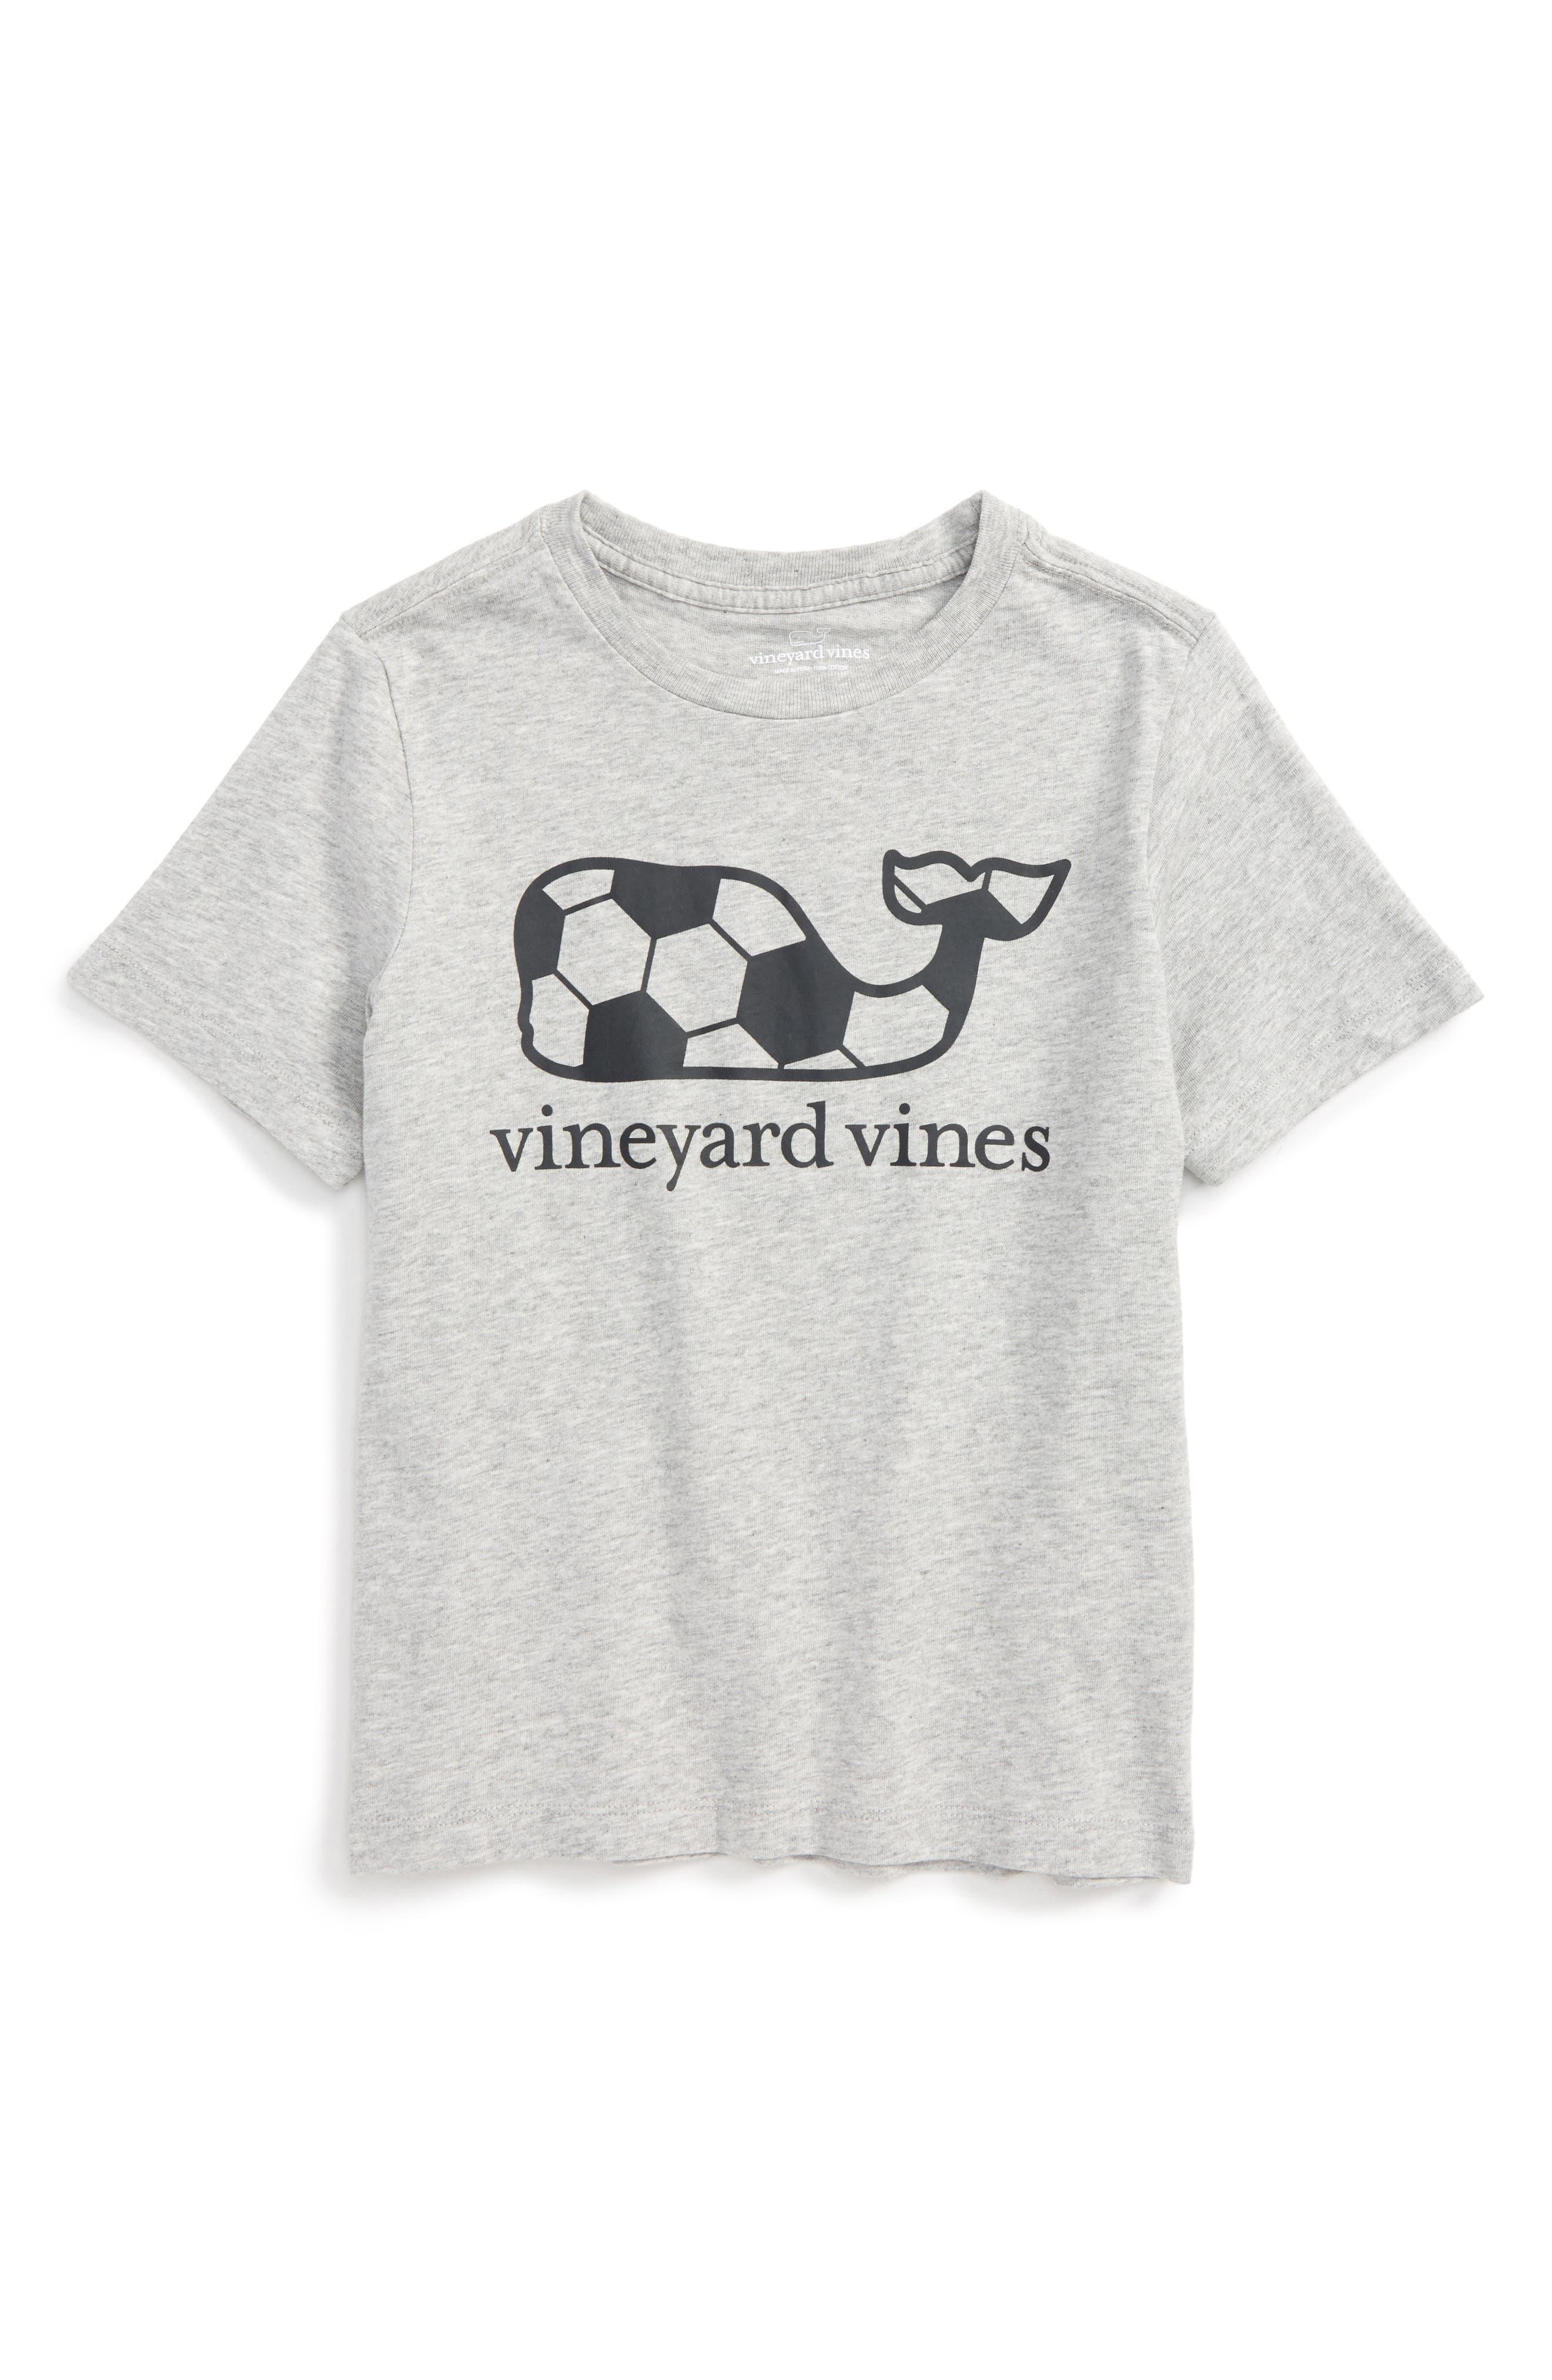 Vineyard Vines Soccer Ball Graphic T-Shirt (Toddler Boys & Little Boys)